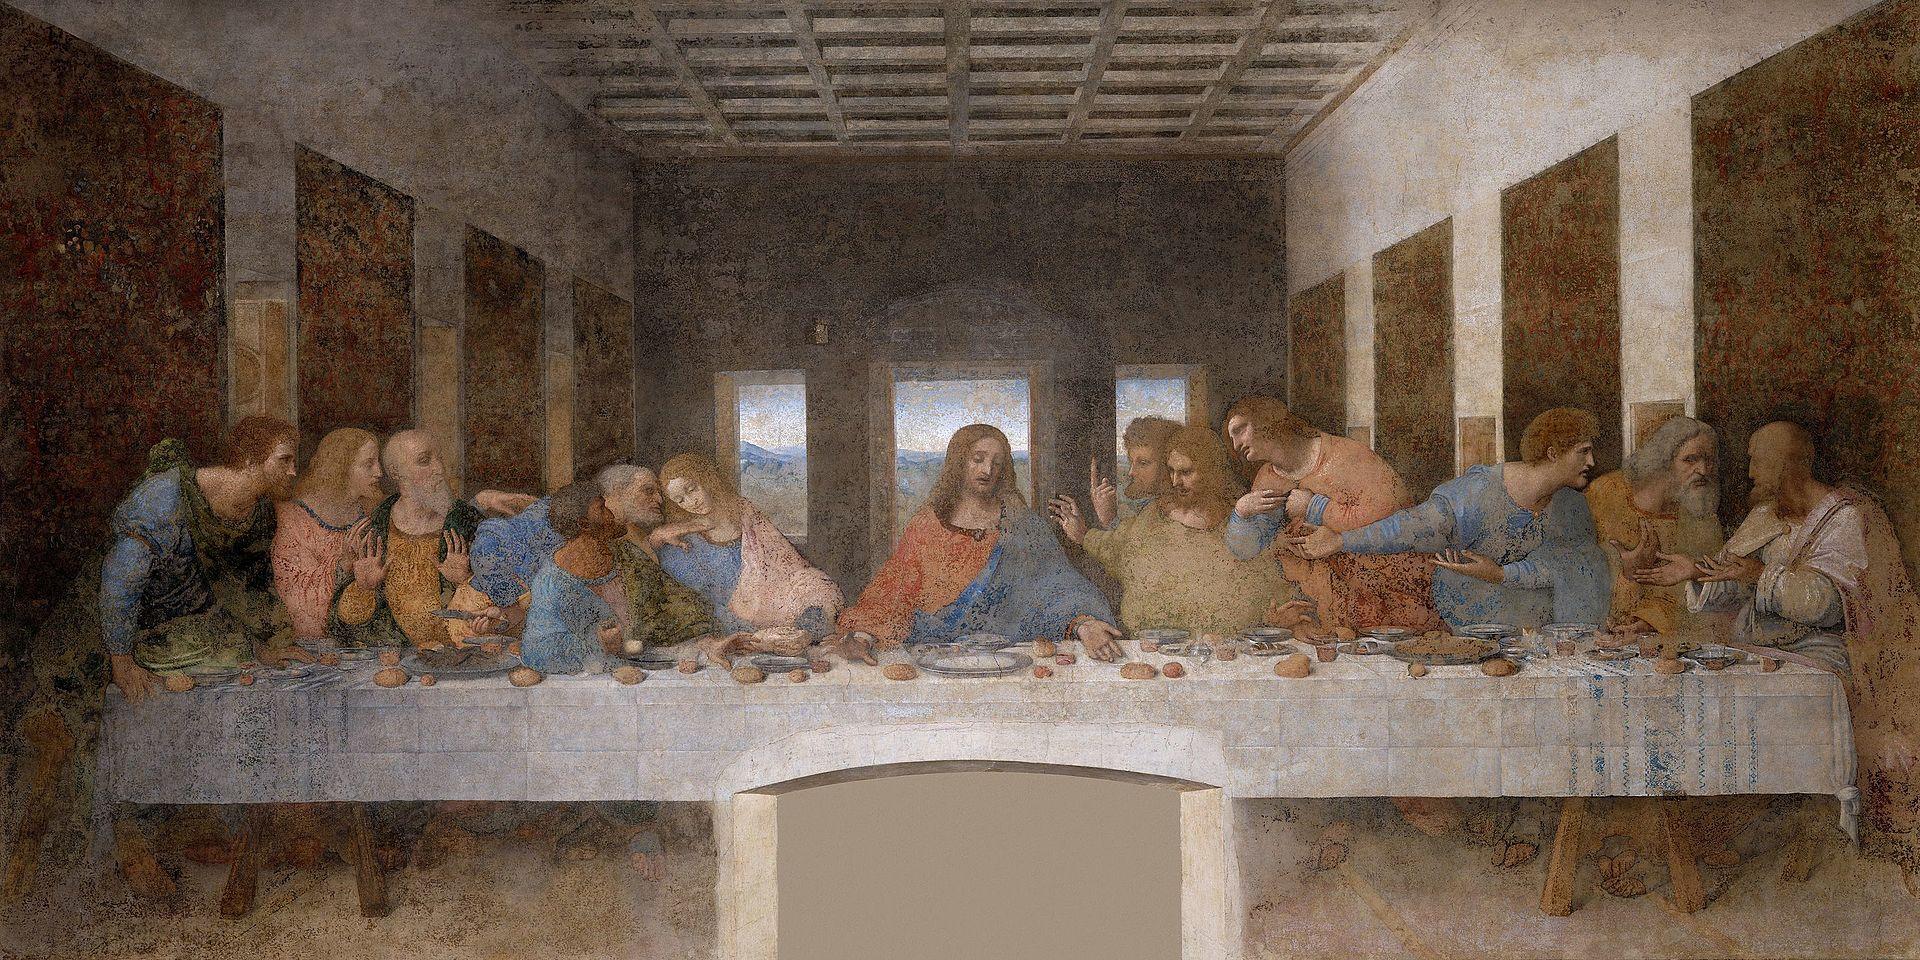 The Last Supper 1490s, Leonardo Da Vinci